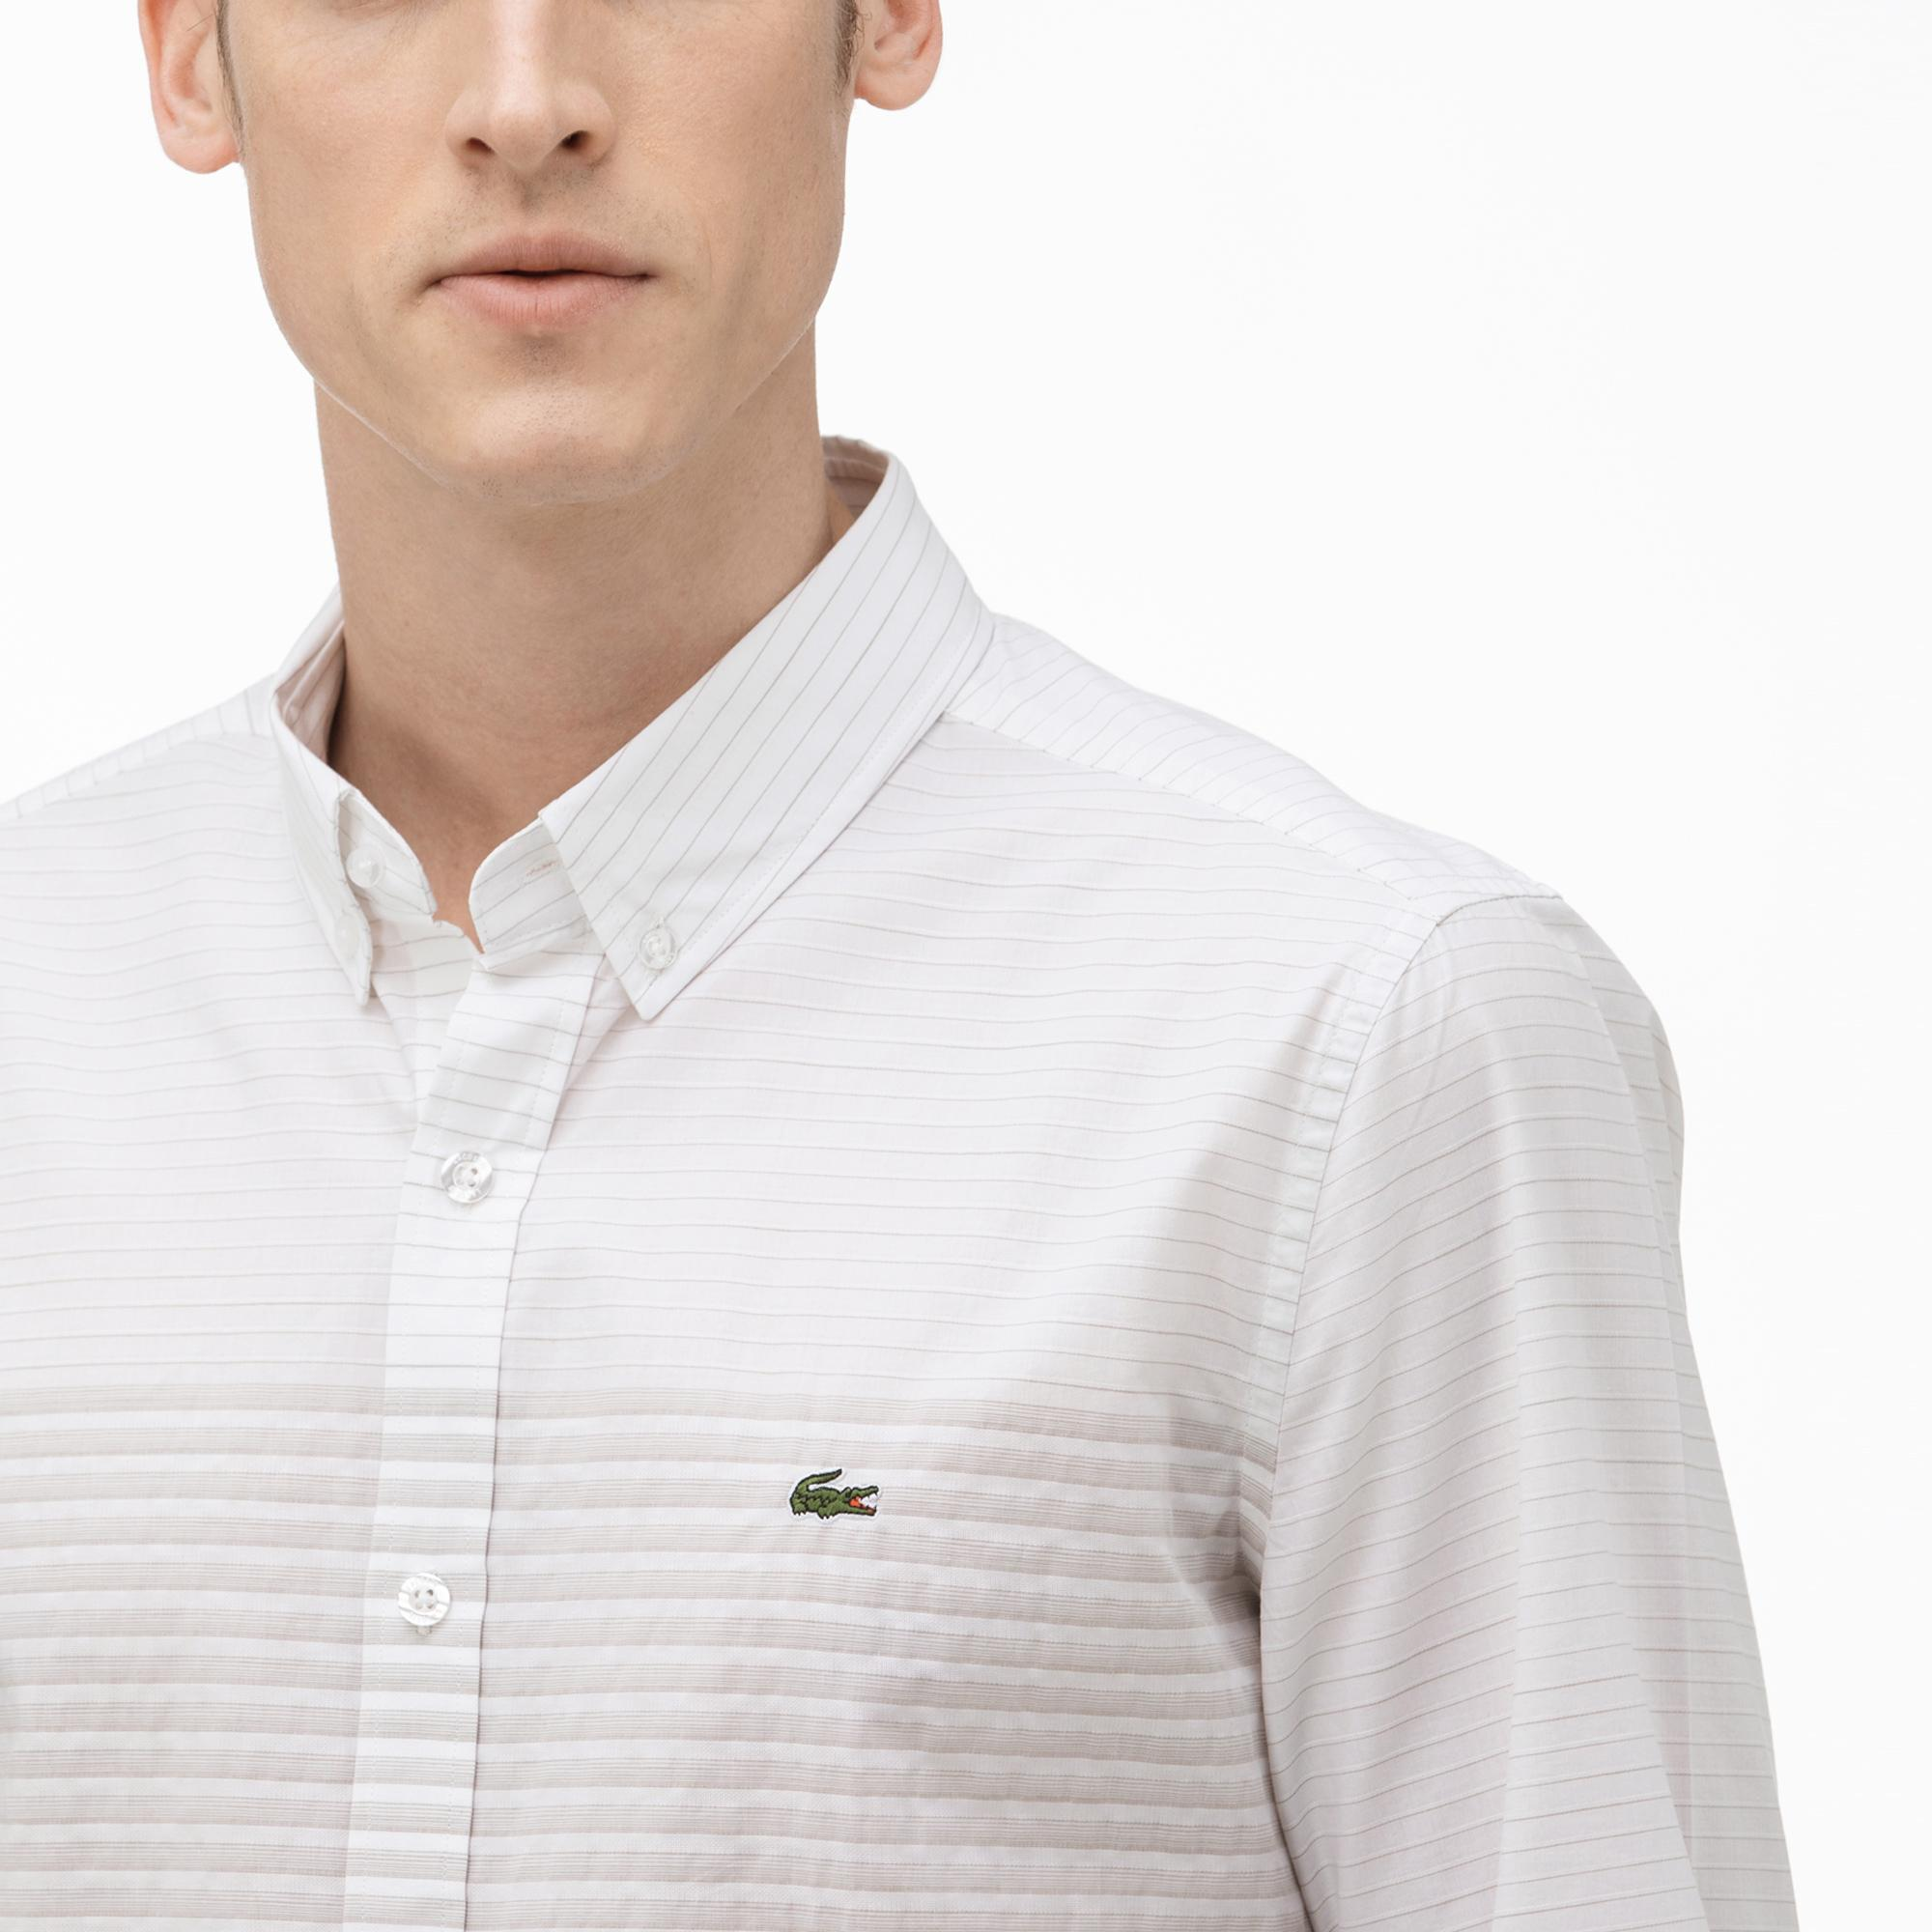 Lacoste Erkek Slim Fit Düğmeli Yaka Açık Kahverengi Gömlek